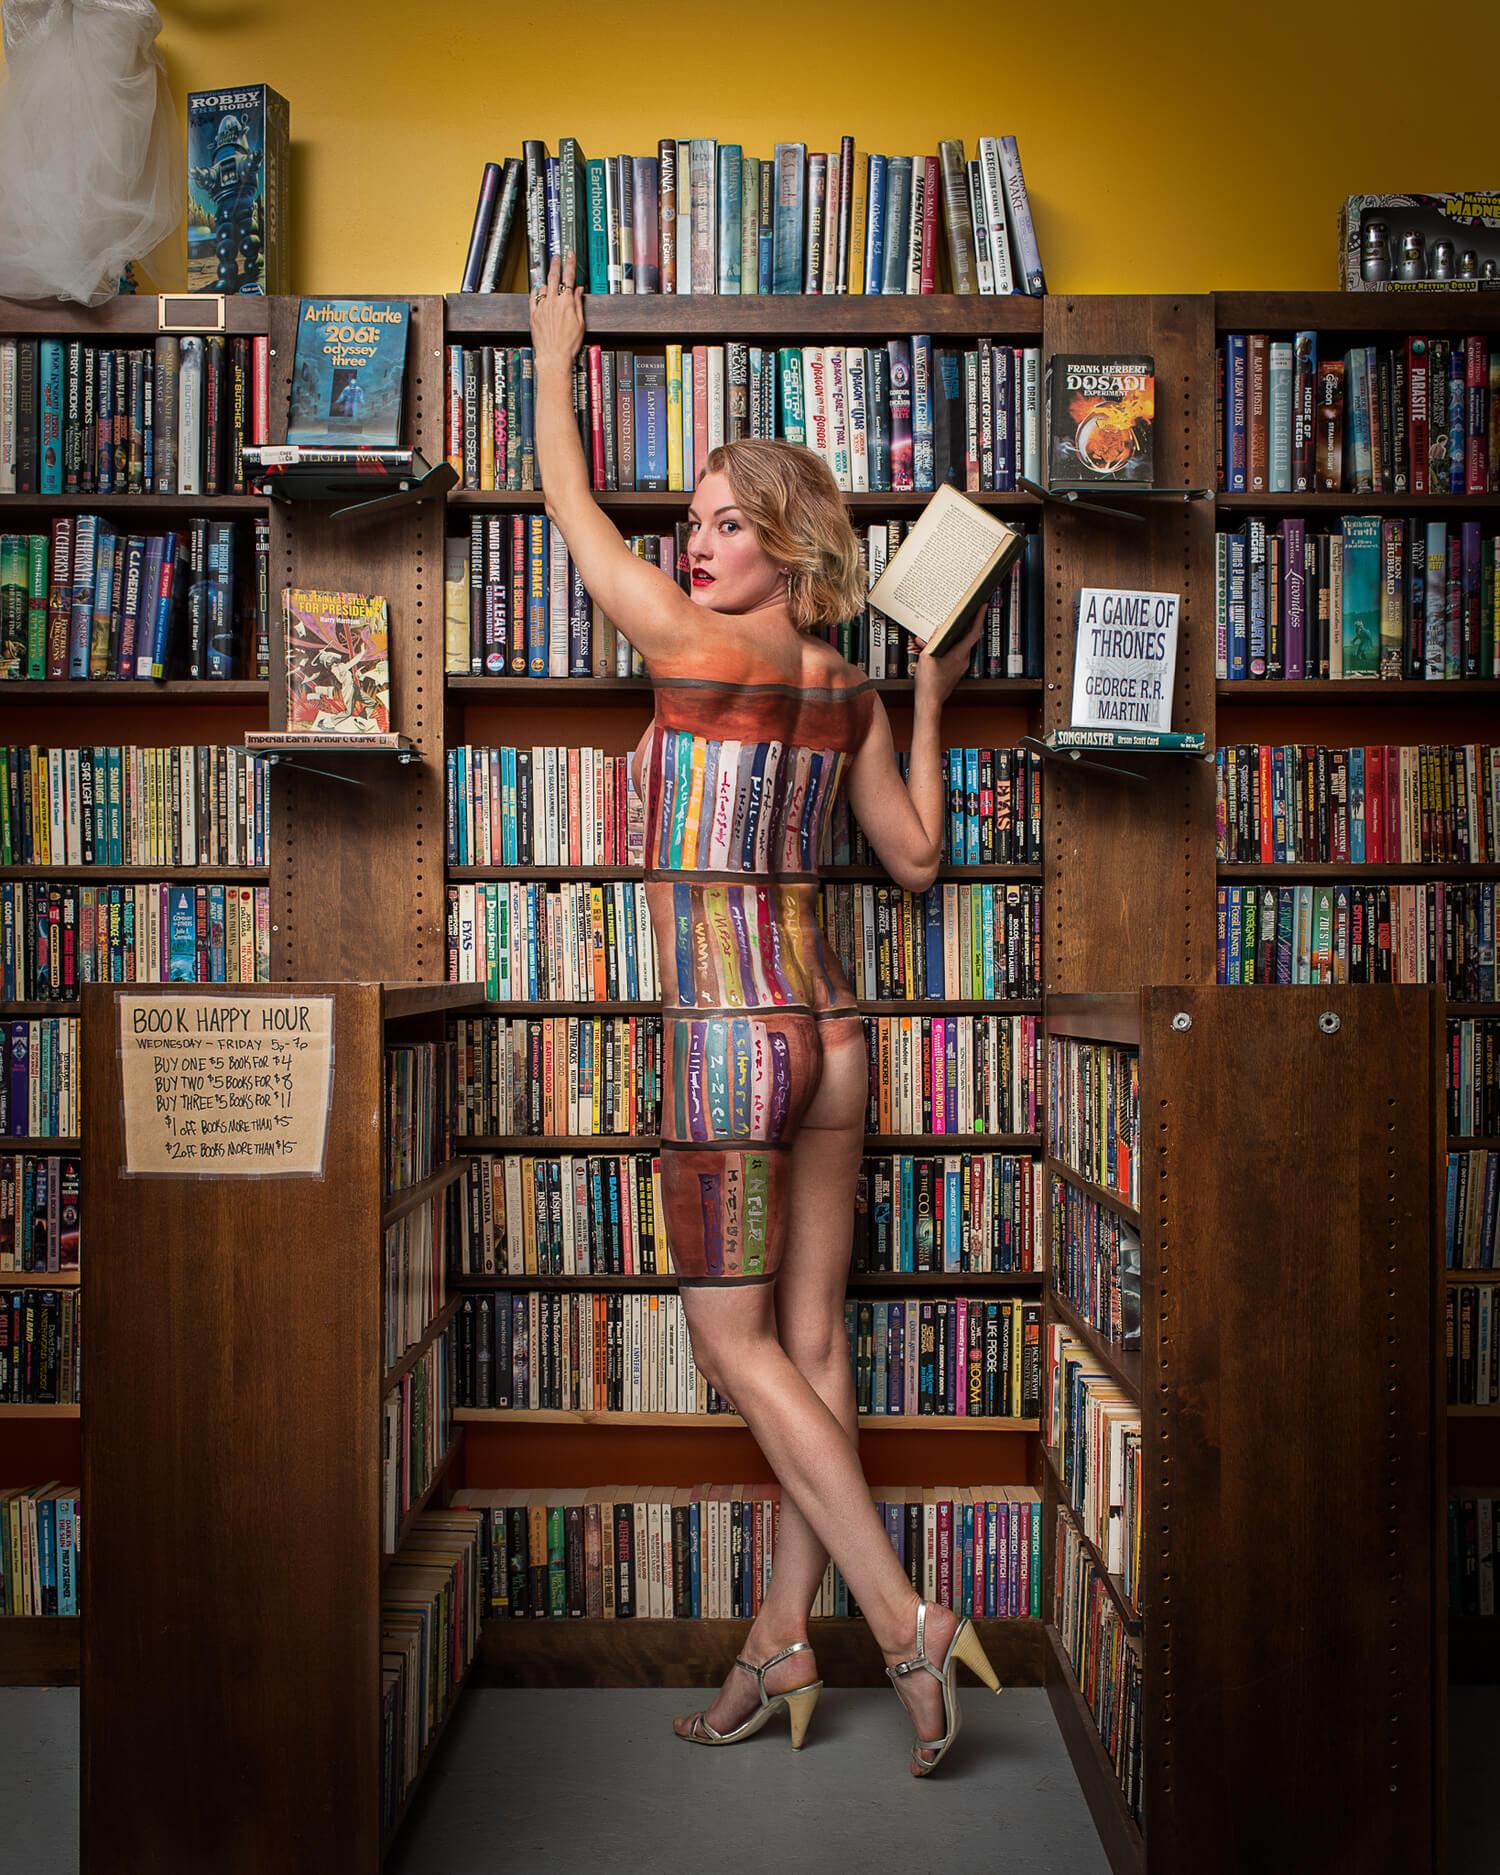 La propietaria de una librería de ciencia ficción en Brooklyn, camuflada entre los libros